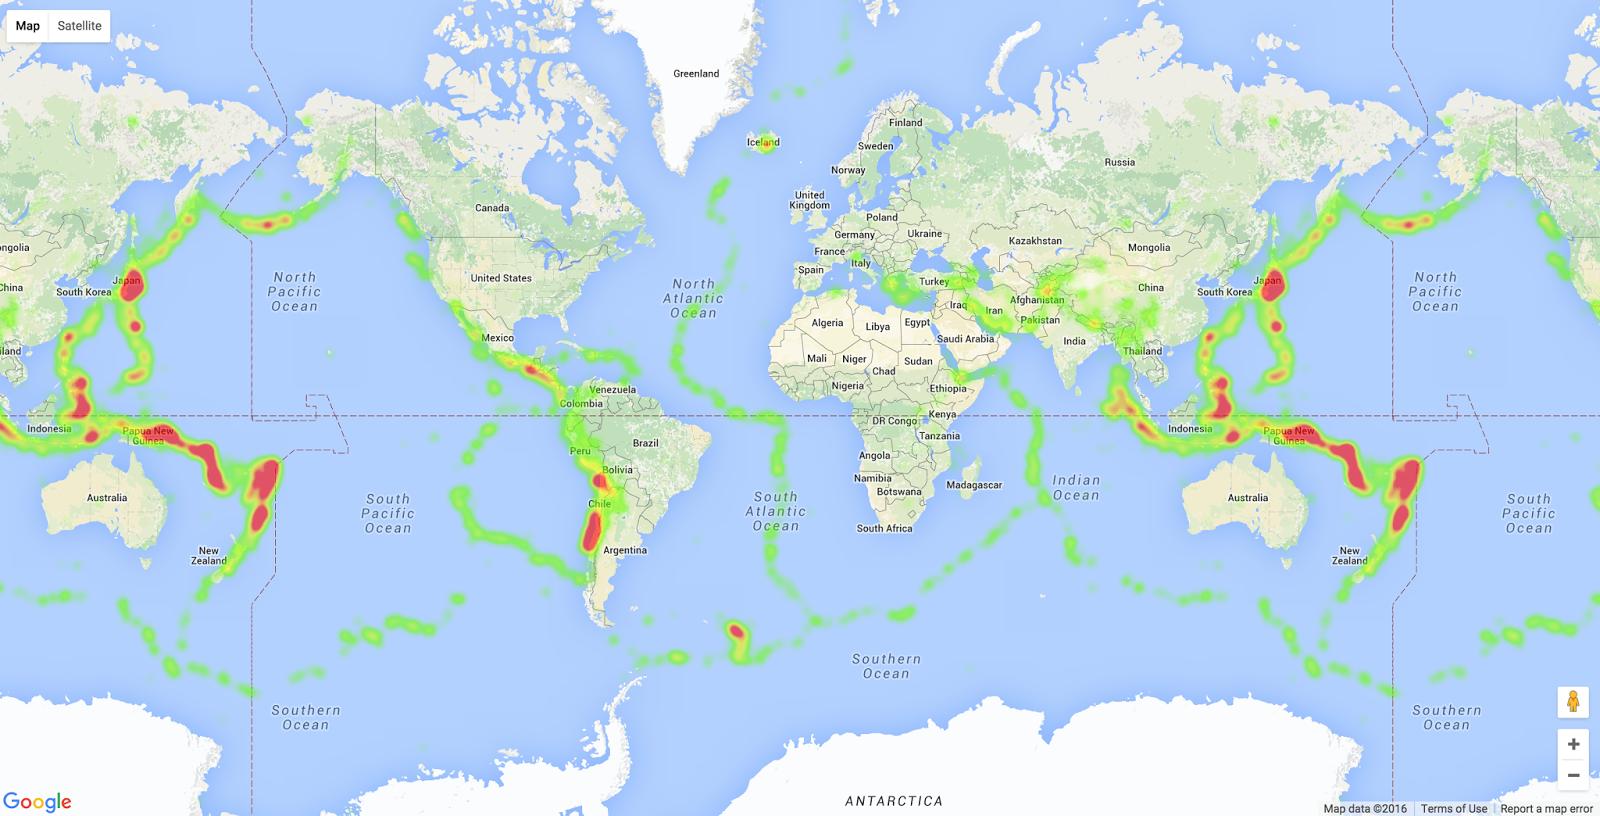 Qingkai's Blog: Plot earthquake heatmap on Basemap and Google Map